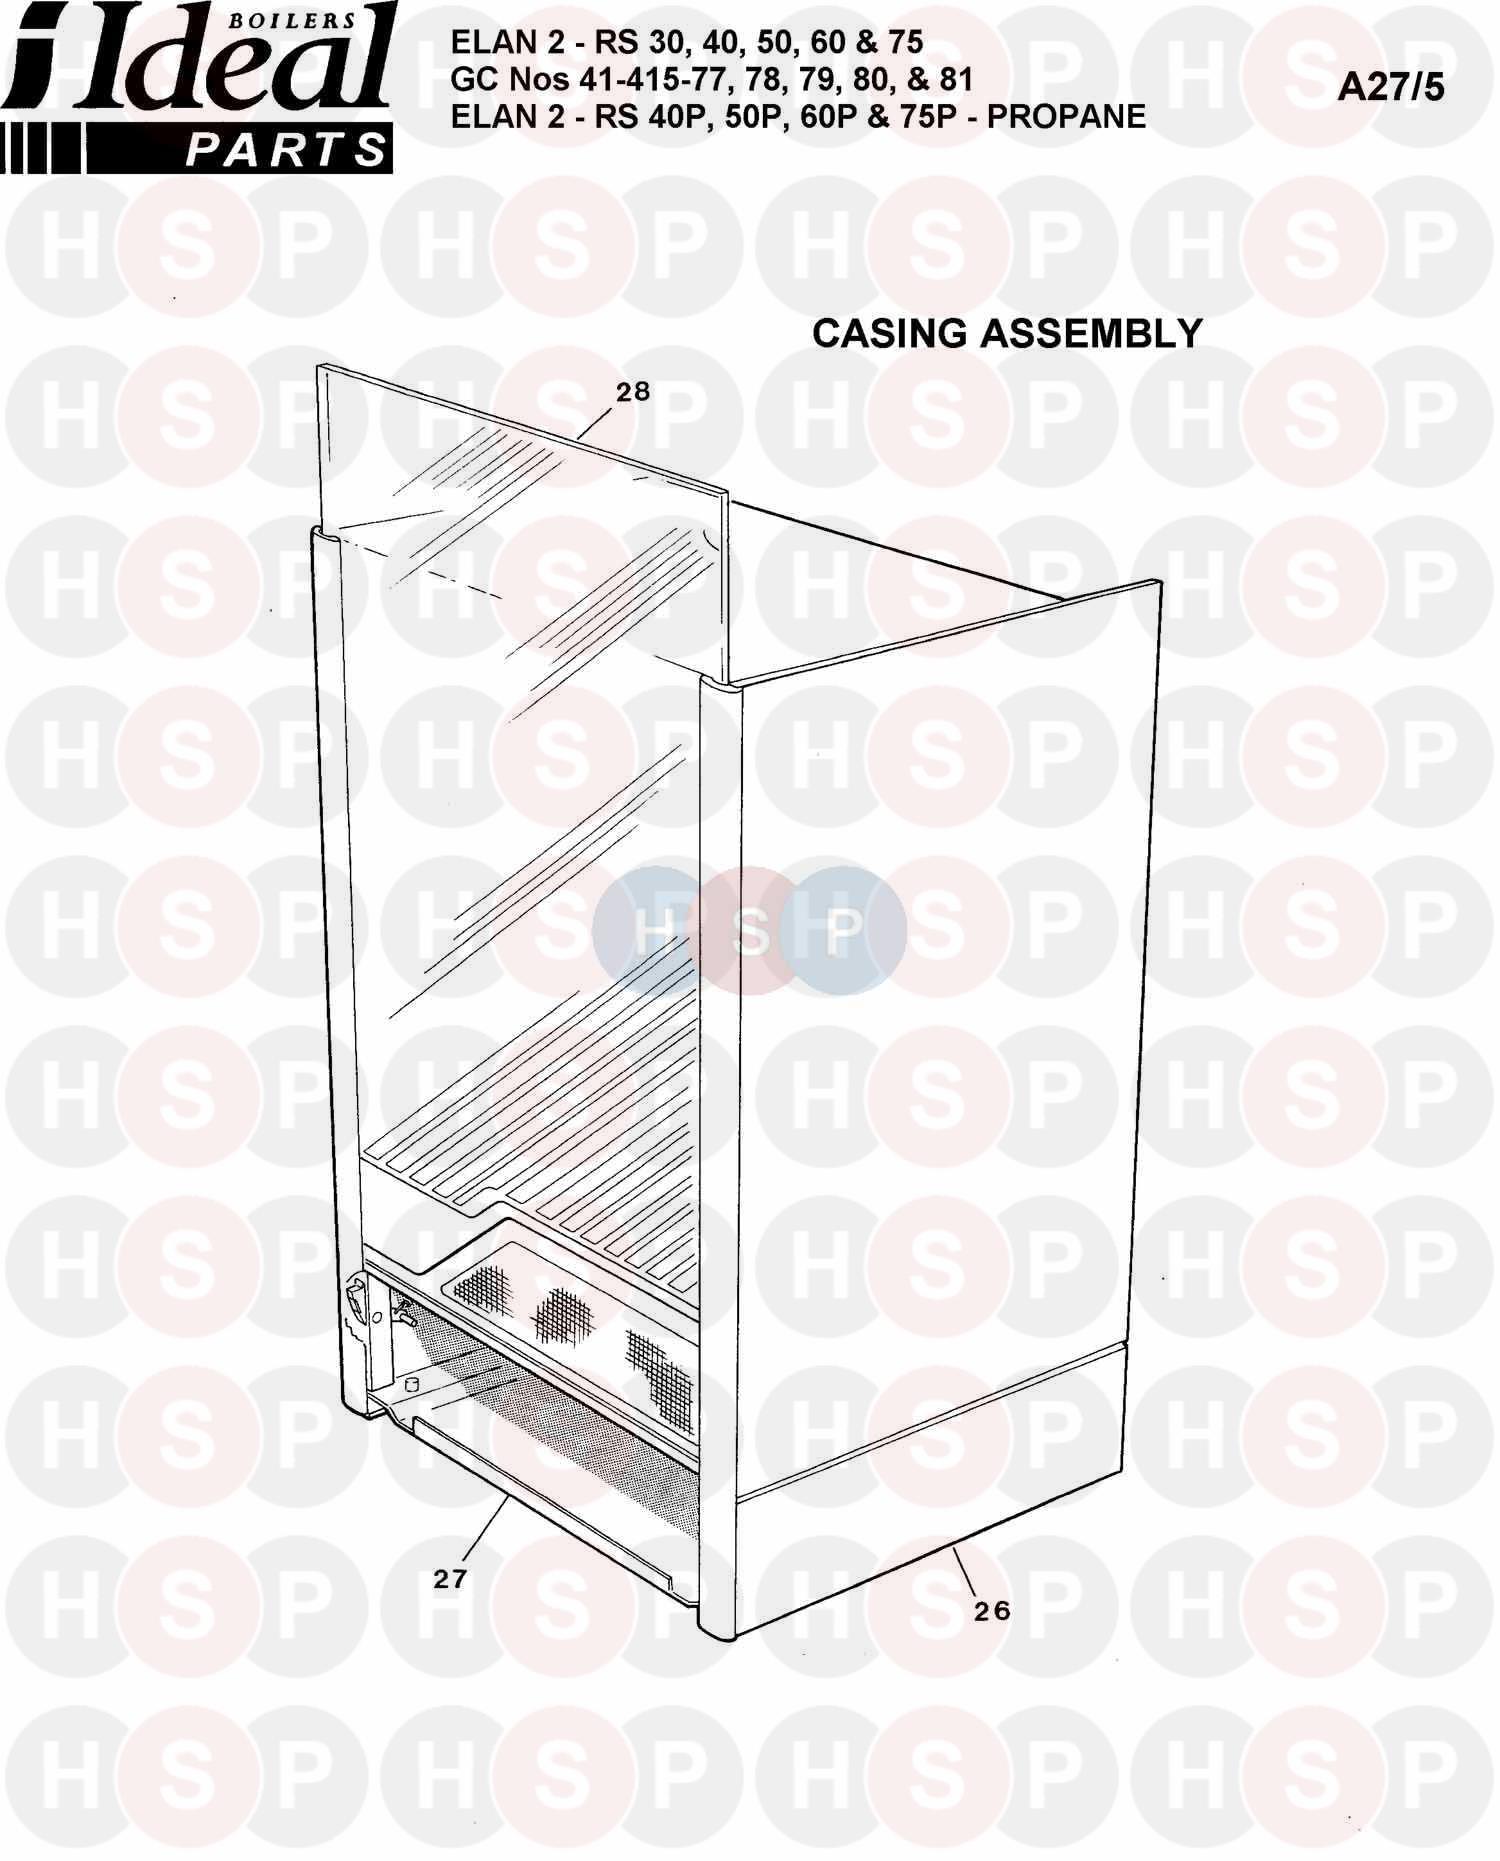 Ideal ELAN 2 RS 40 Appliance Diagram (Boiler Casing